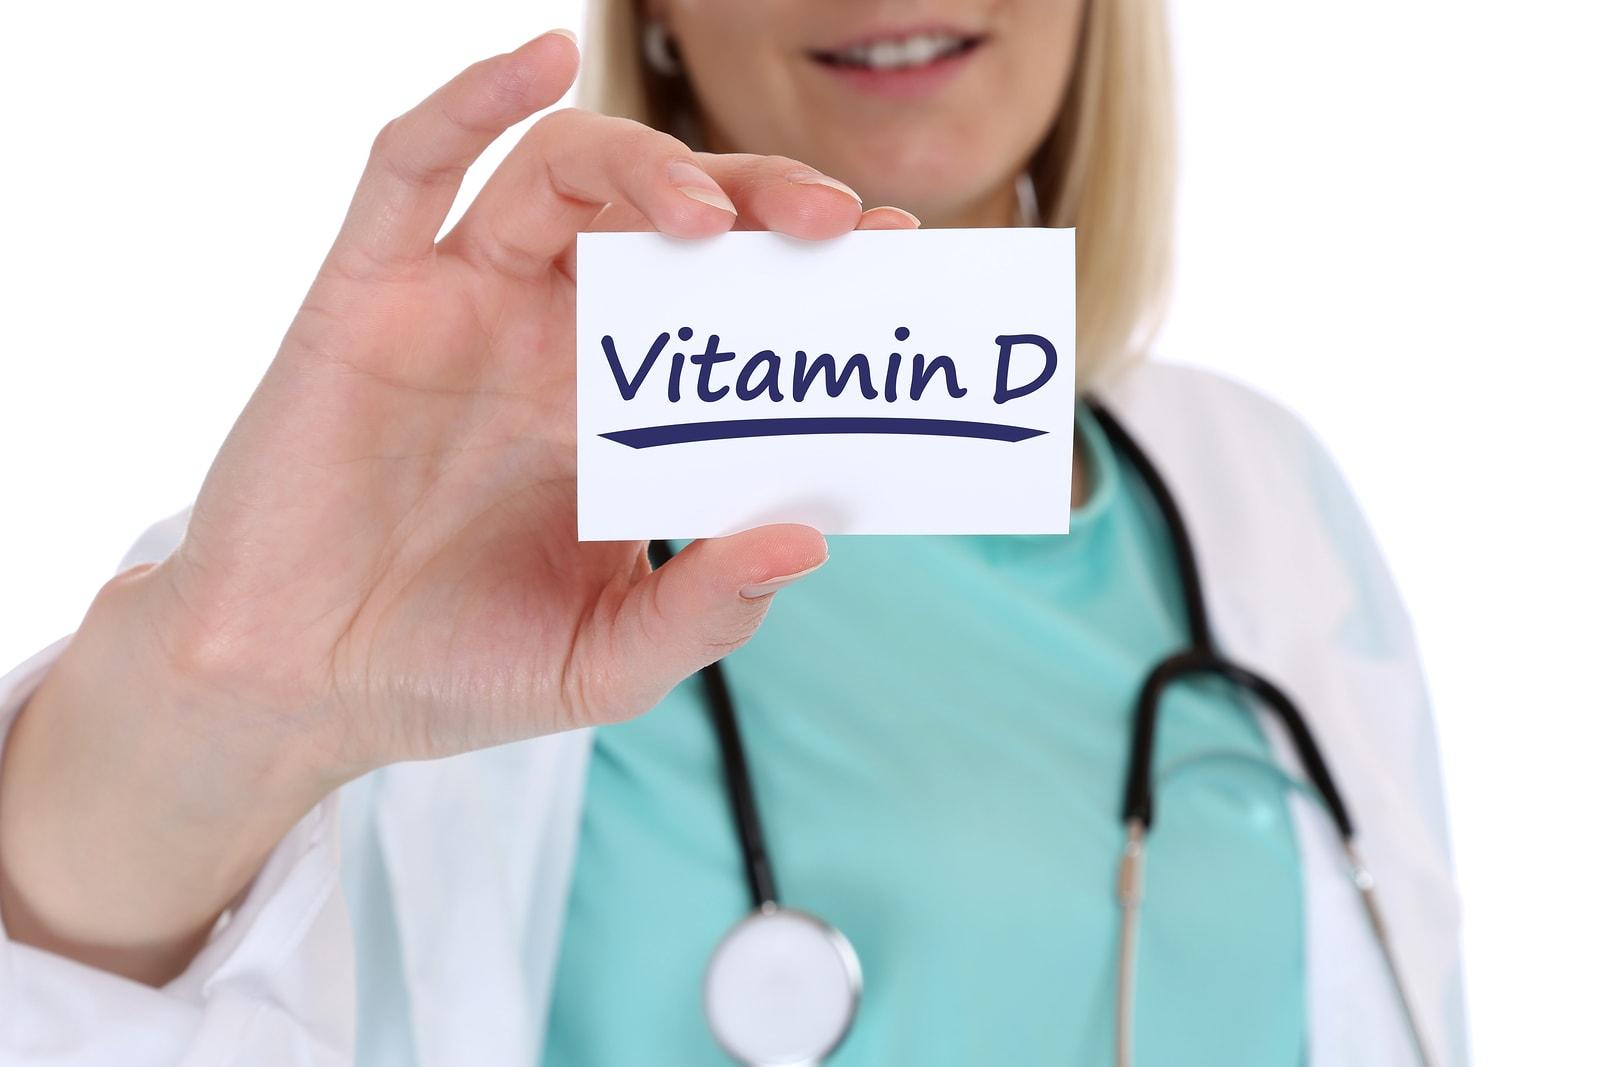 بیماری های تنفسی را با این ویتامین ضربه فنی کنید